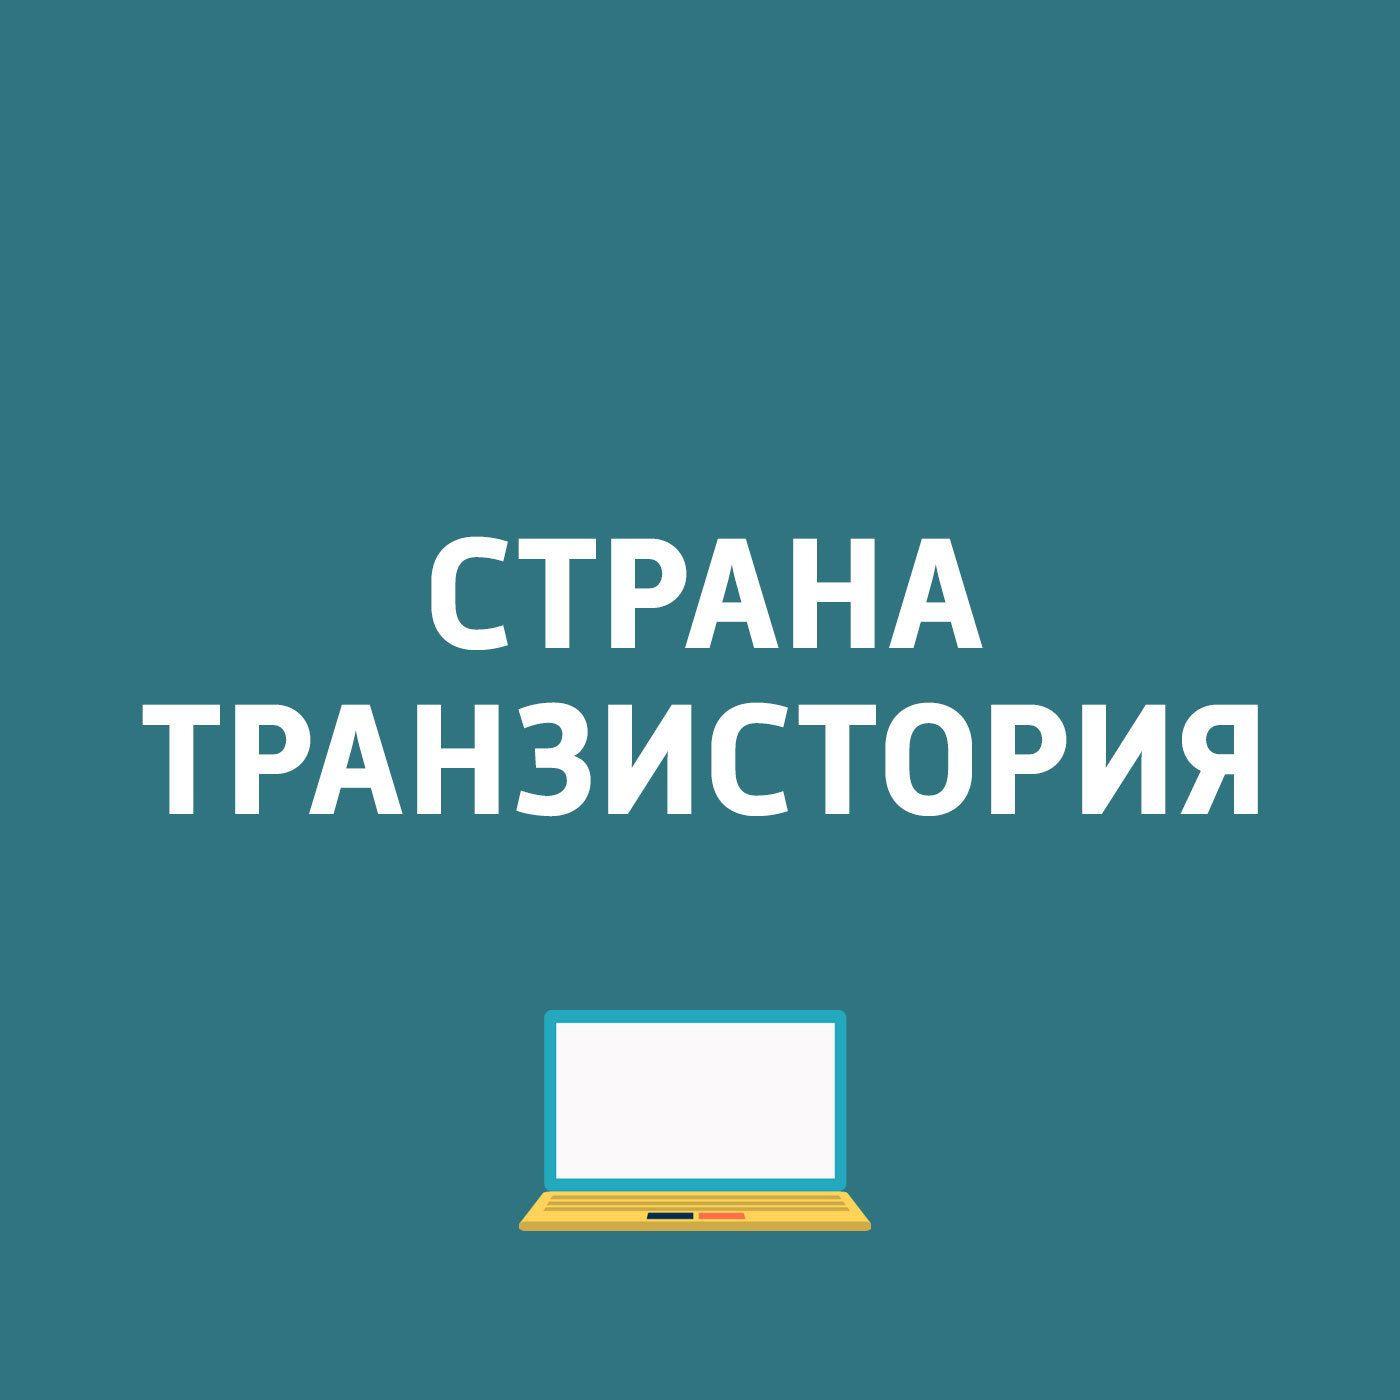 Картаев Павел Отличия в качестве фото на Samsung note9 и s10